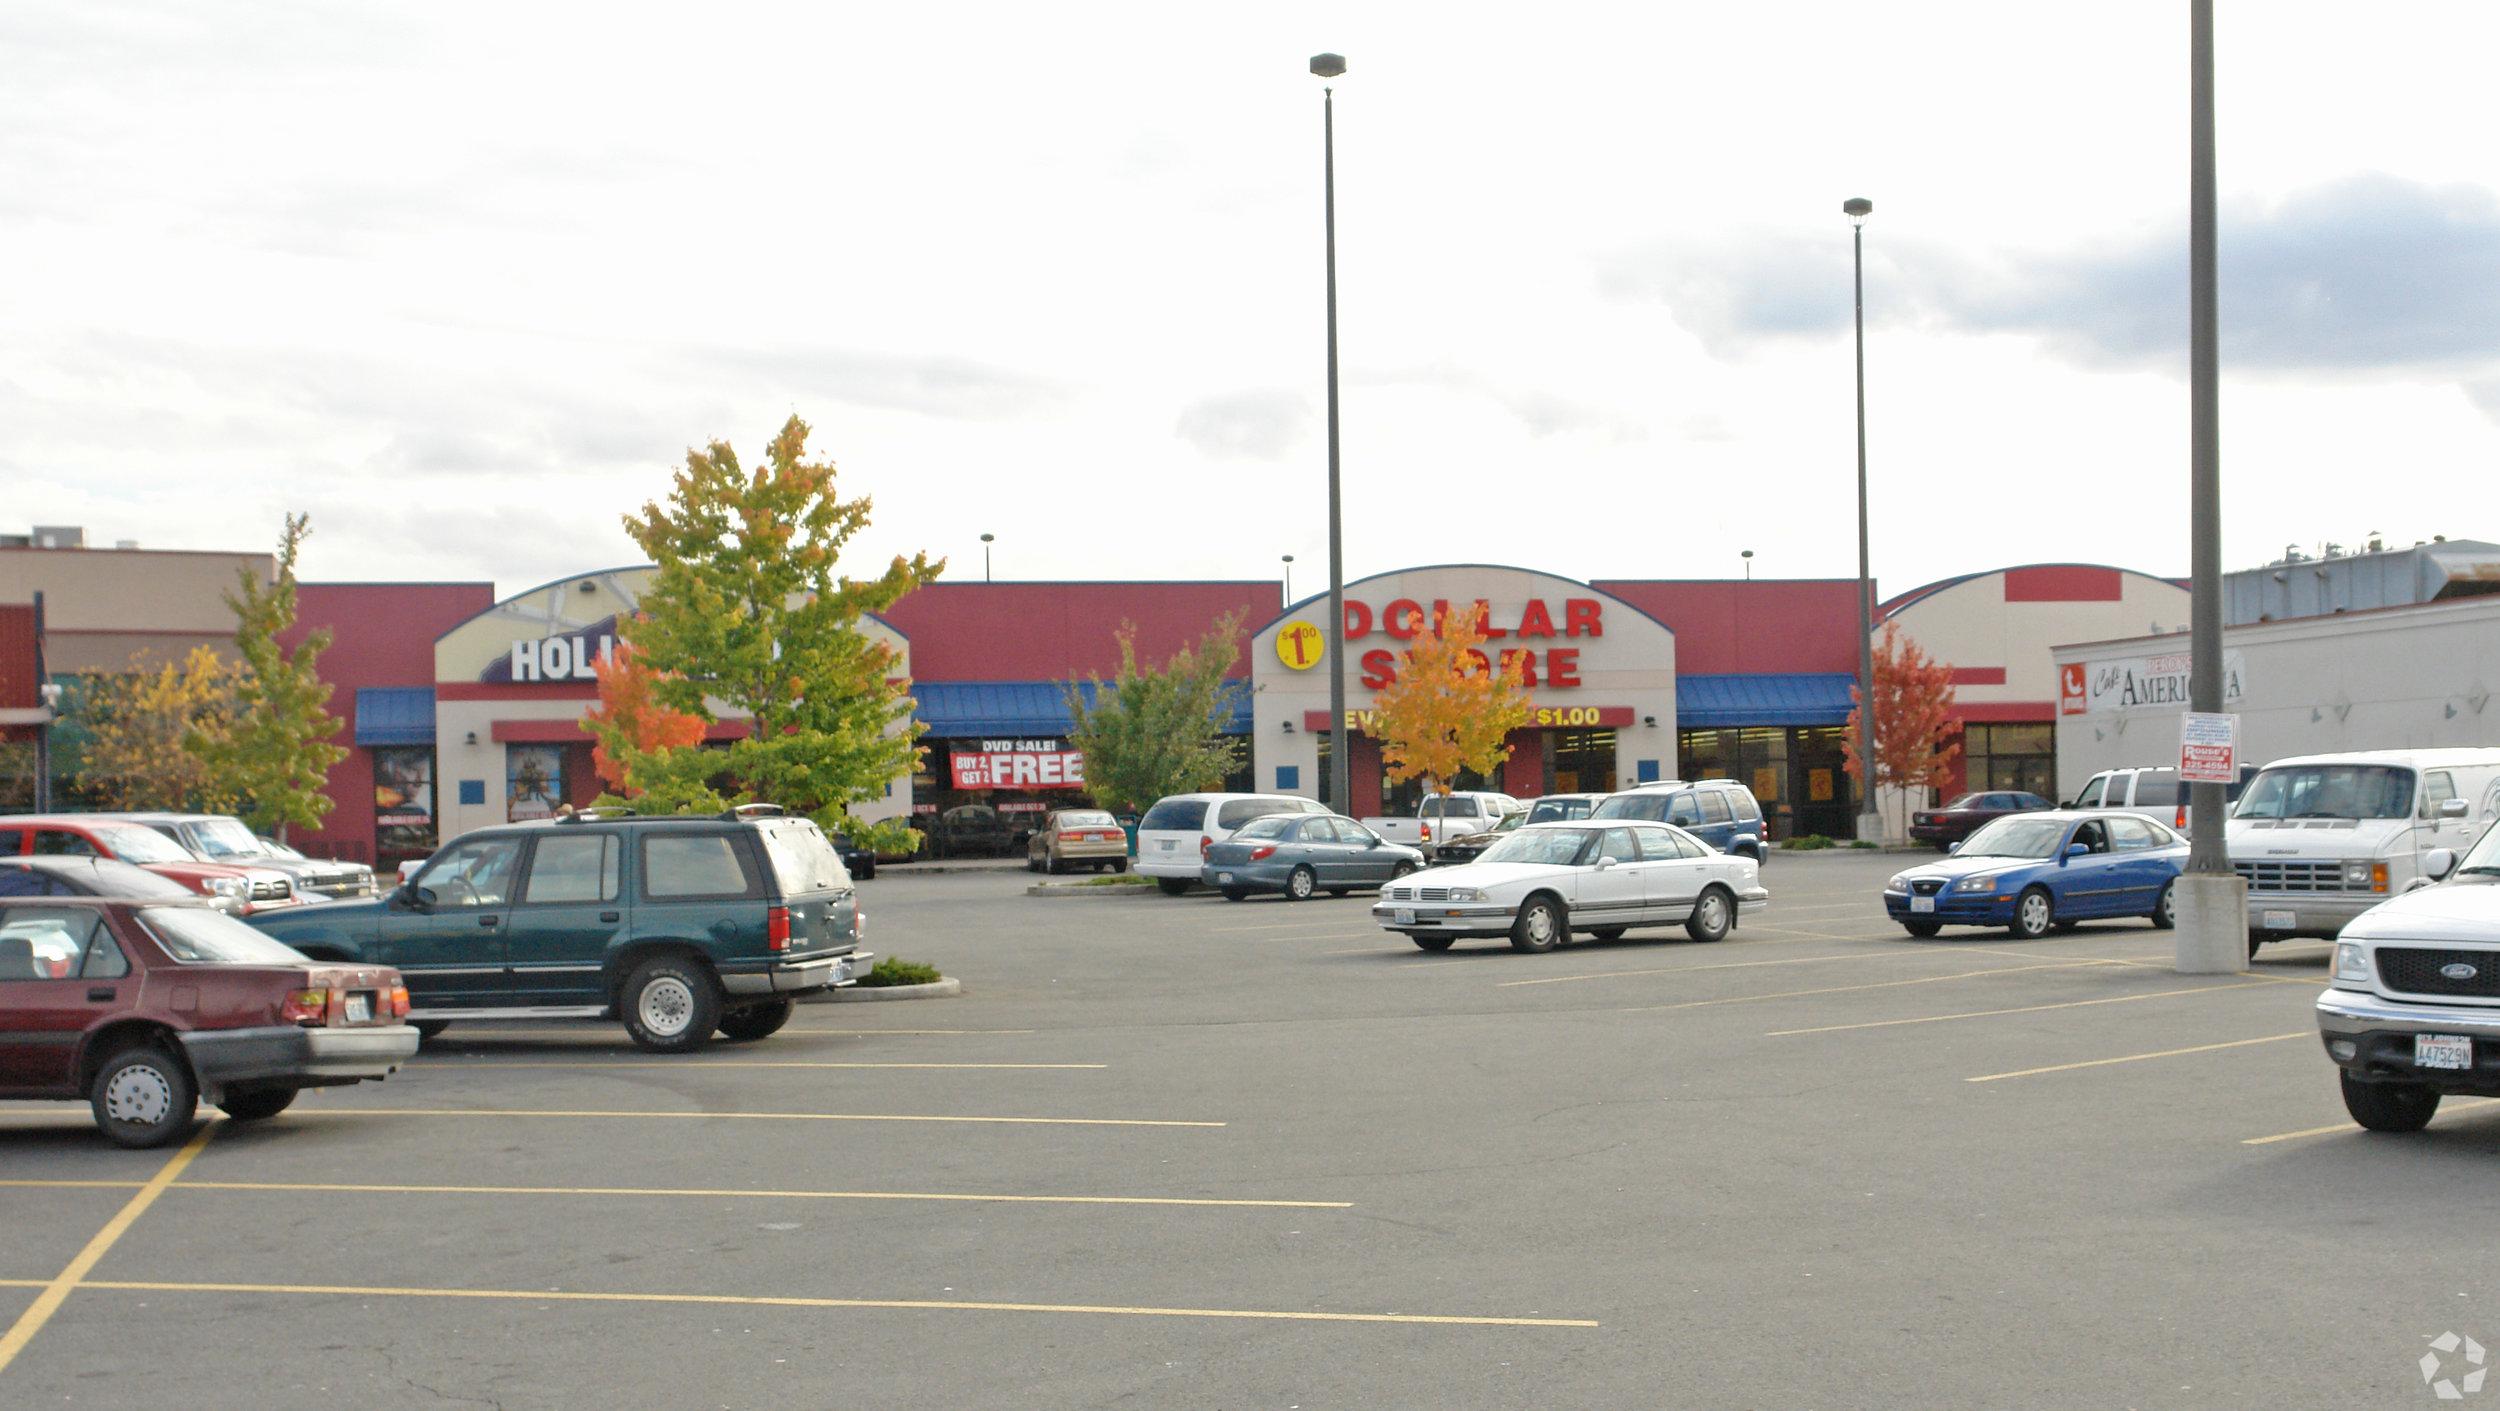 16,000 SF Retail Lease in Spokane Valley